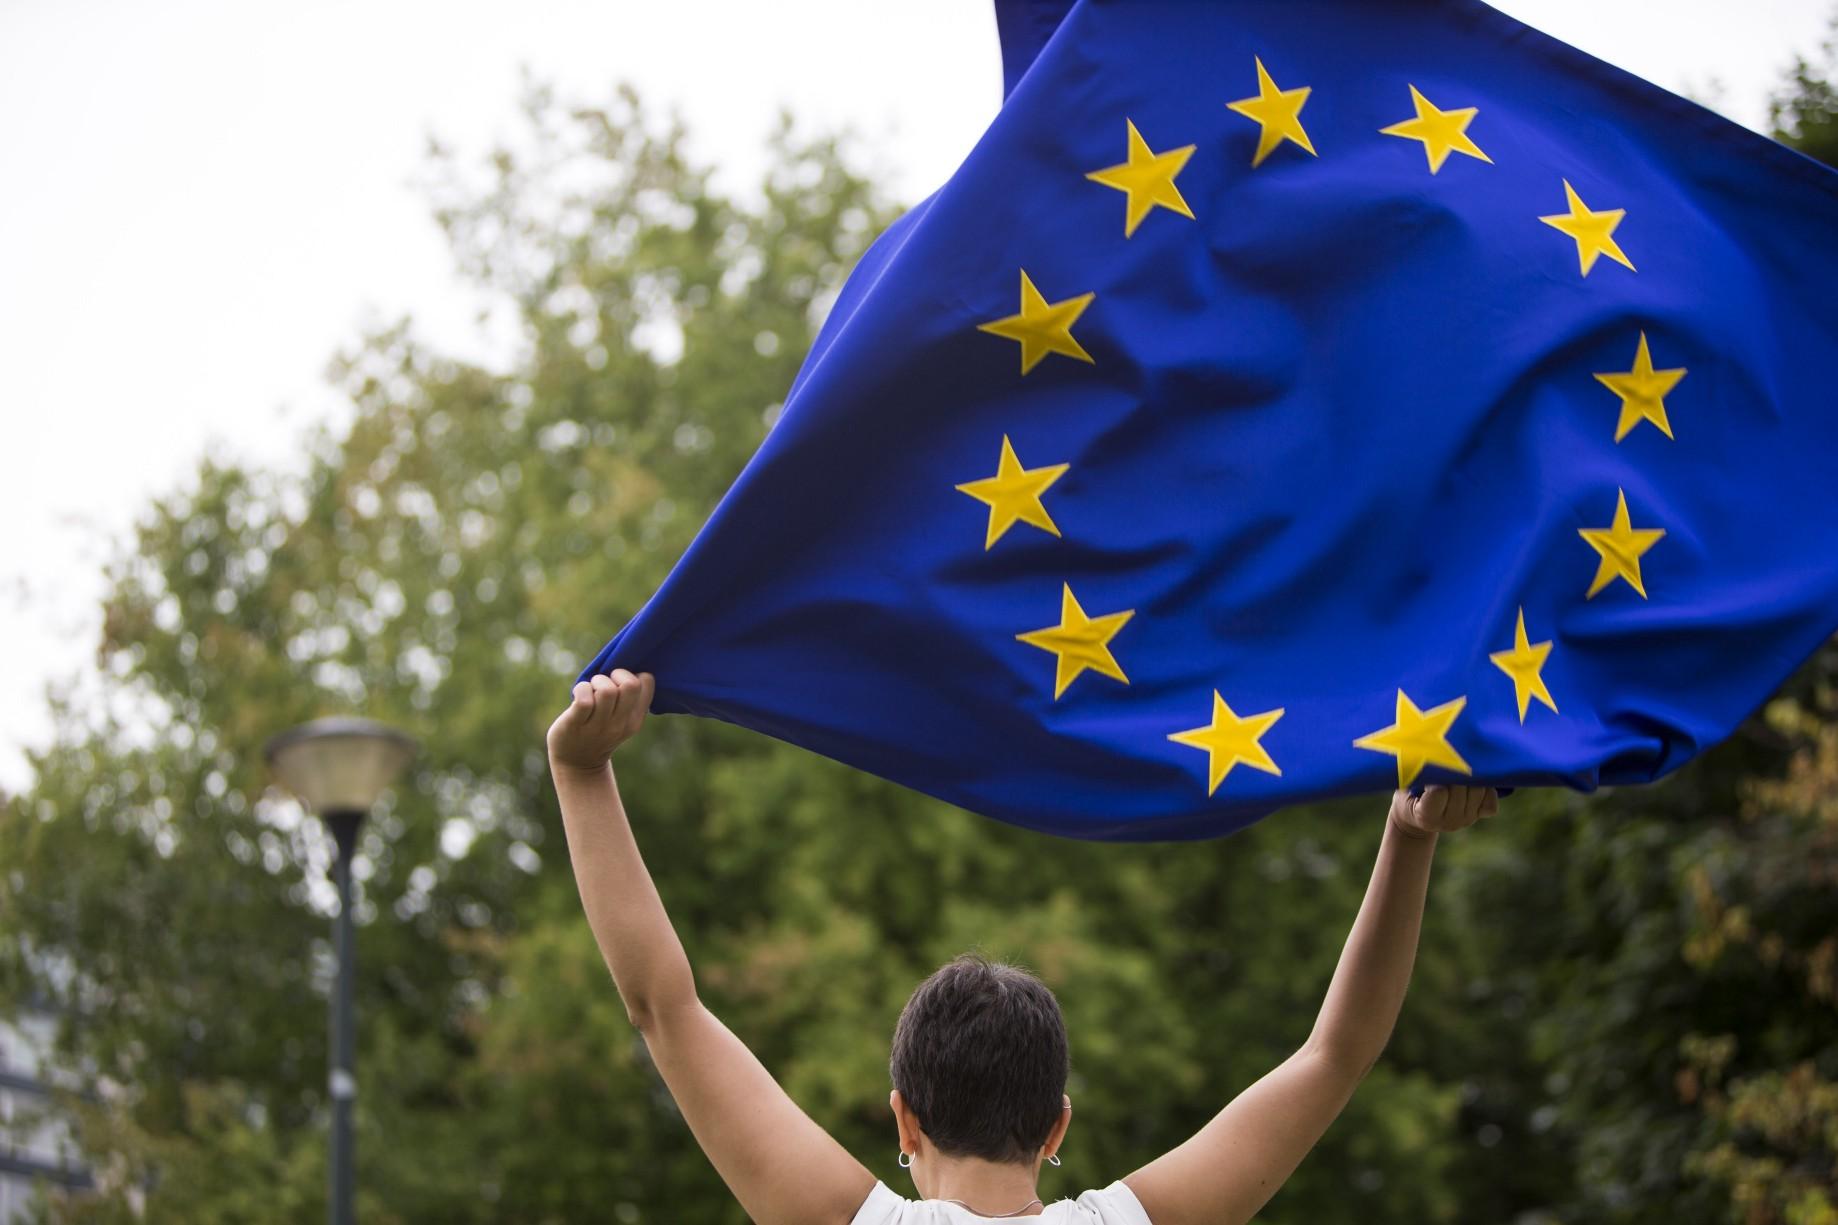 استطلاع رأي : نظرة الأوروبيين للاتحاد باتت أكثر تفاؤلاً